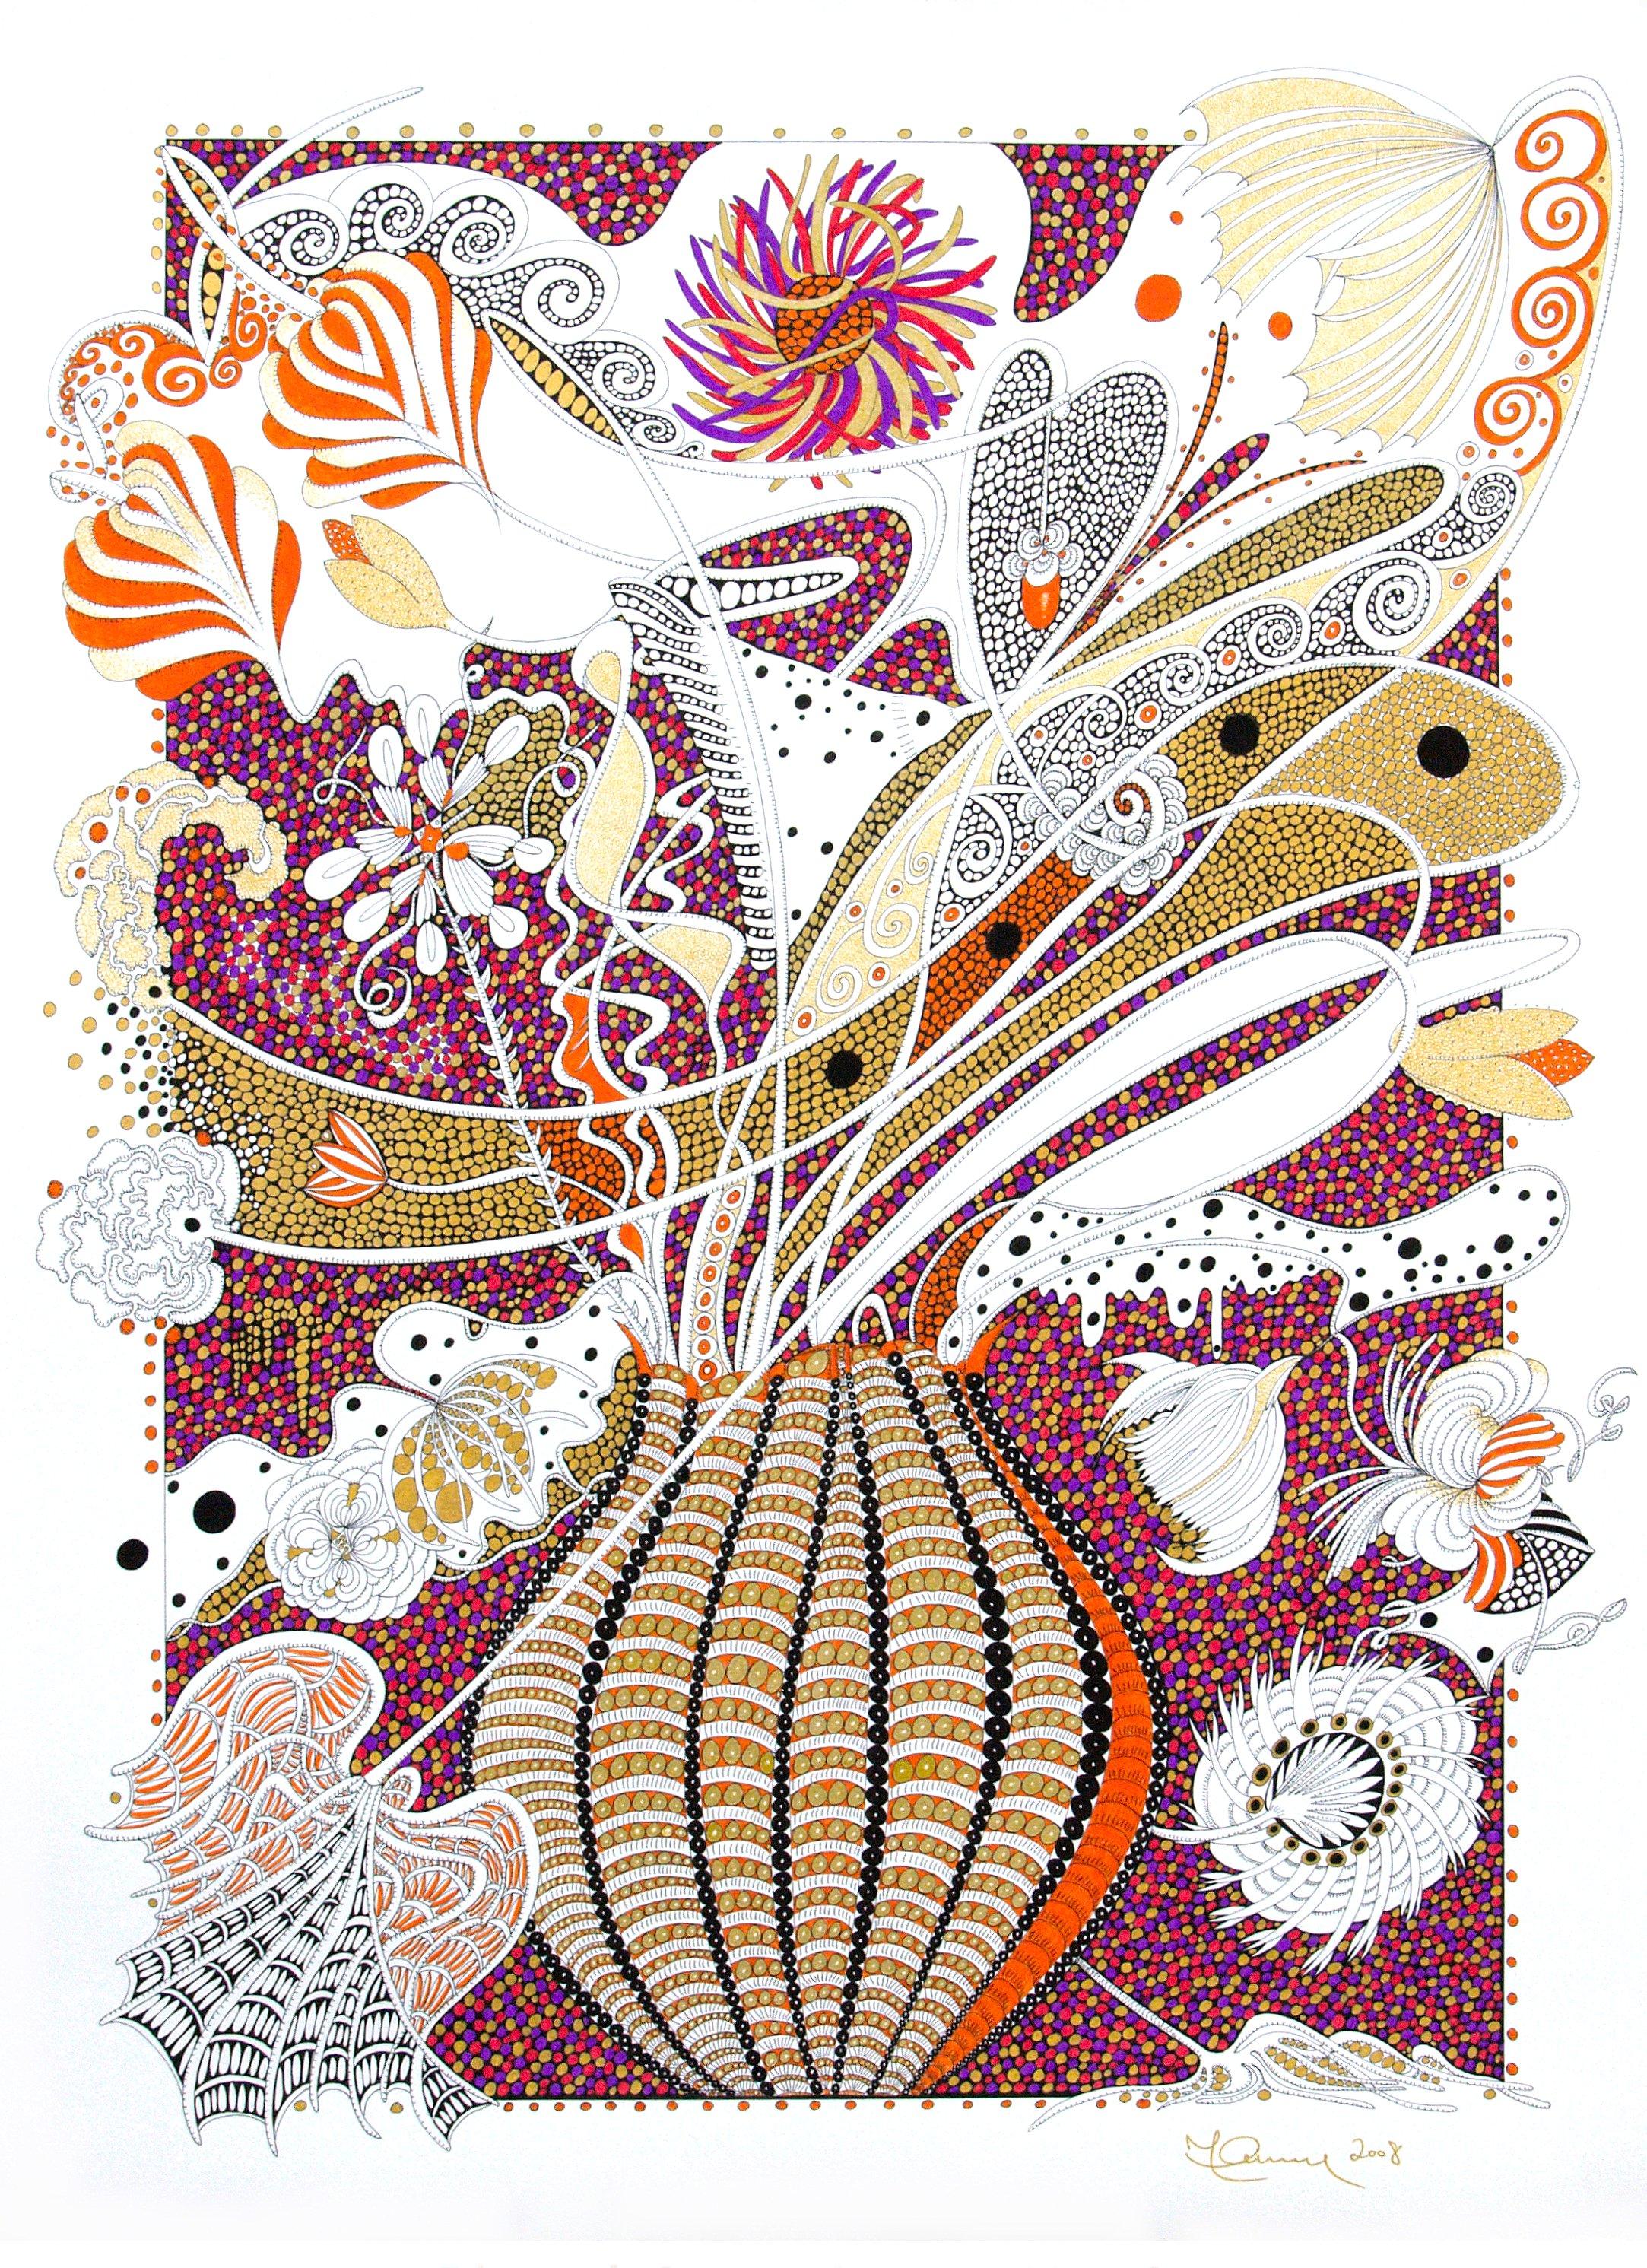 Floral Symphony by Fanny